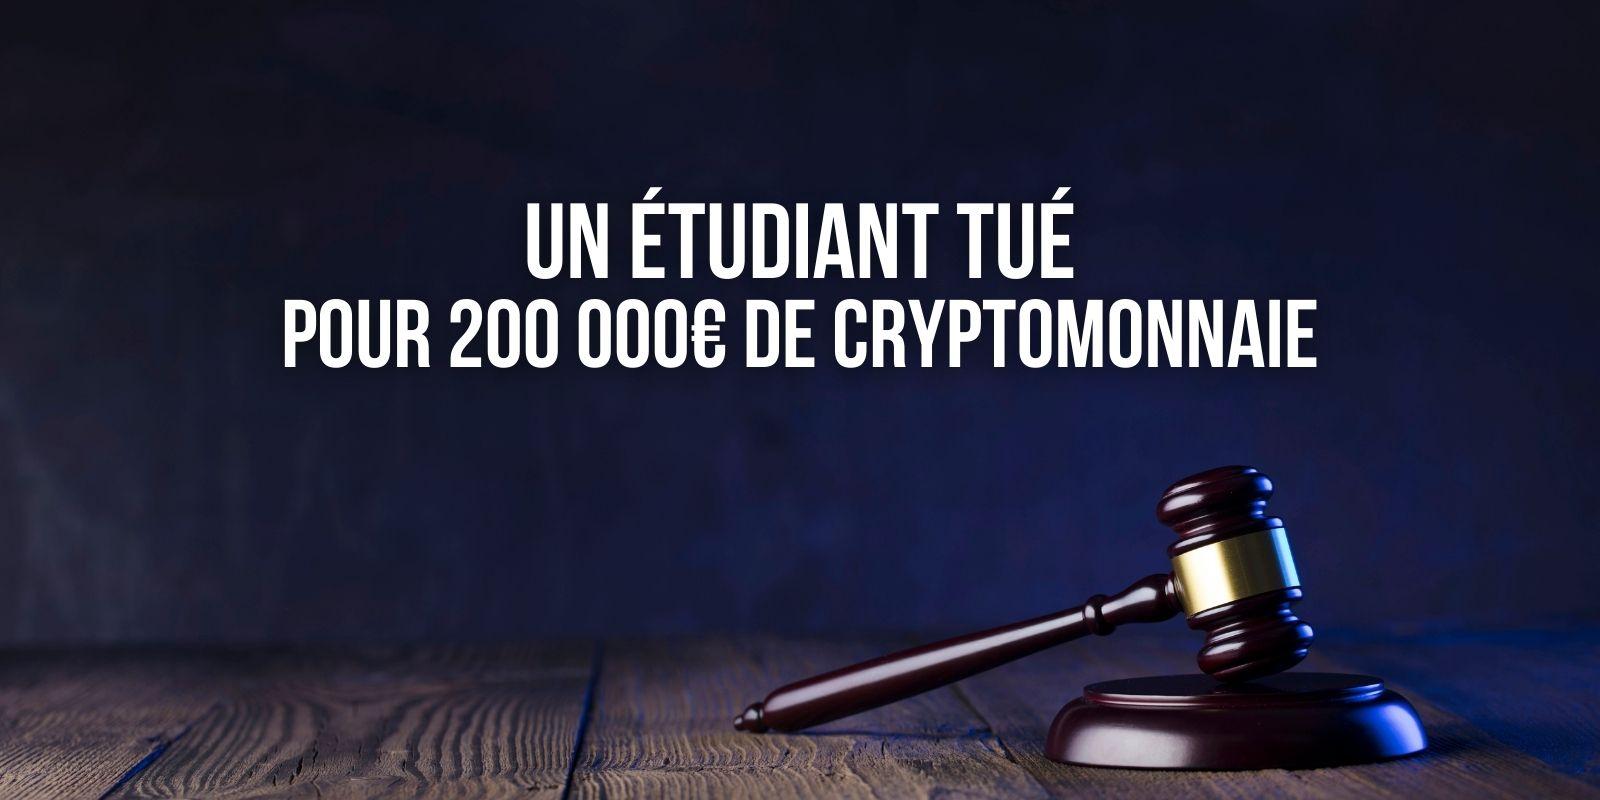 Un étudiant de 19 ans piégé et tué pour 200000 euros de cryptomonnaie